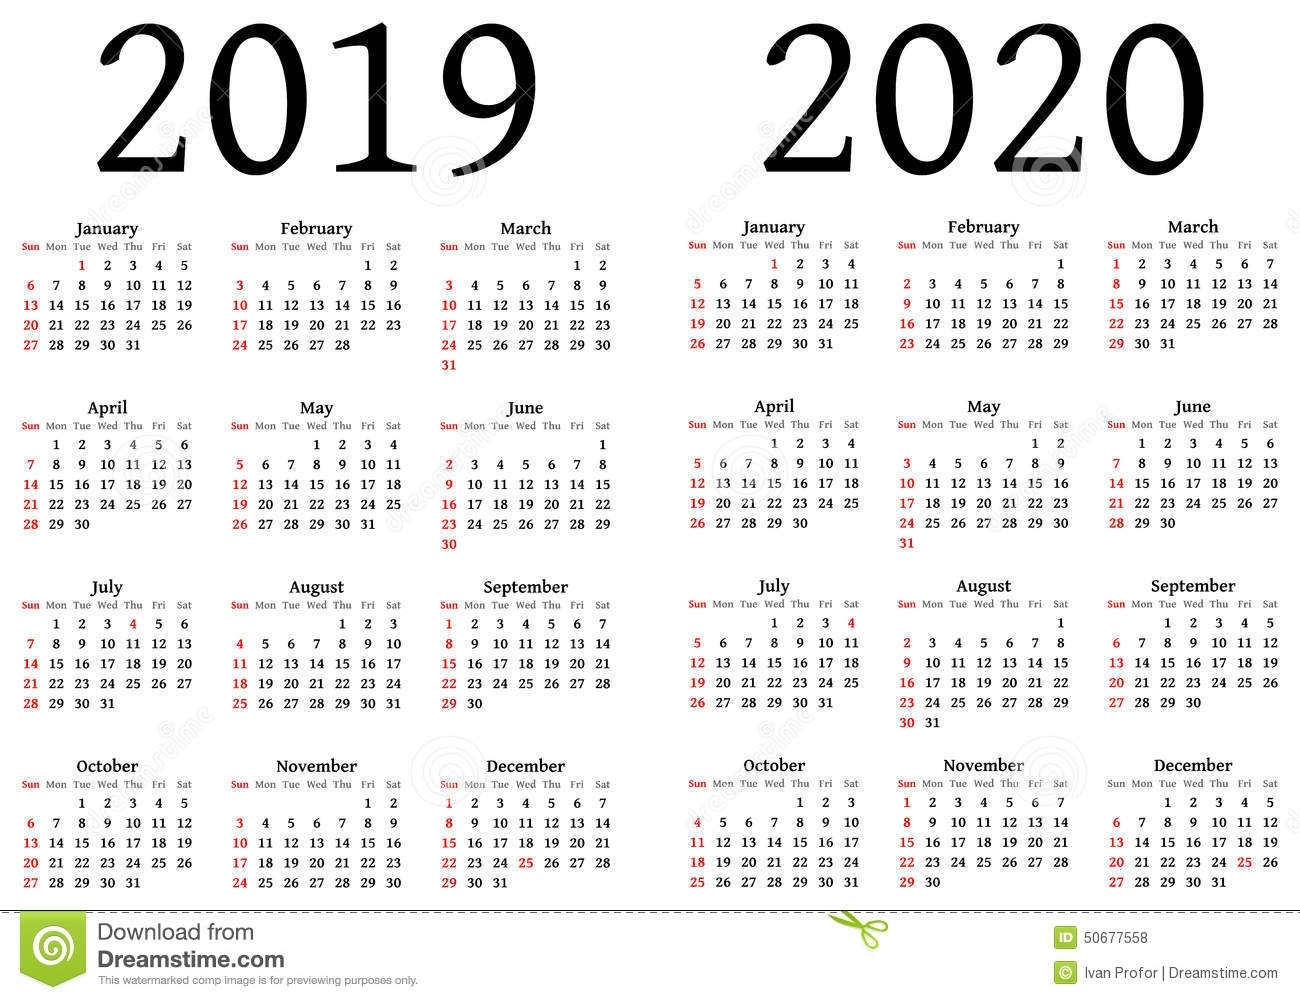 Printable Calendar For 2019 And 2020 | Printable Calendar 2019 within 2020 Imom Calendar Printable